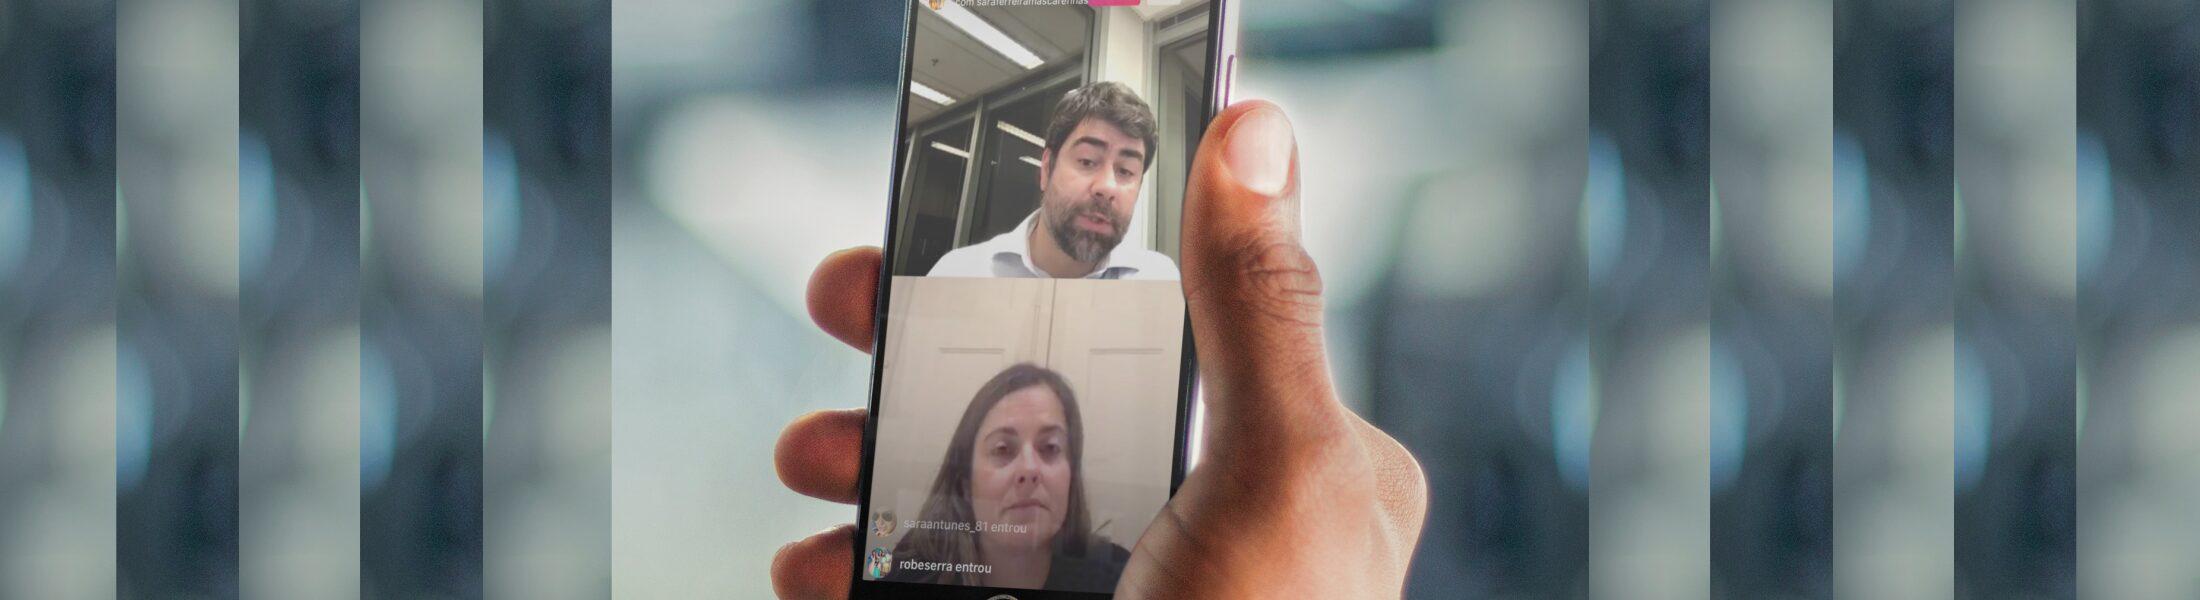 Pandemia em Portugal foi pauta do terceiro episódio dos Diálogos Covid-19